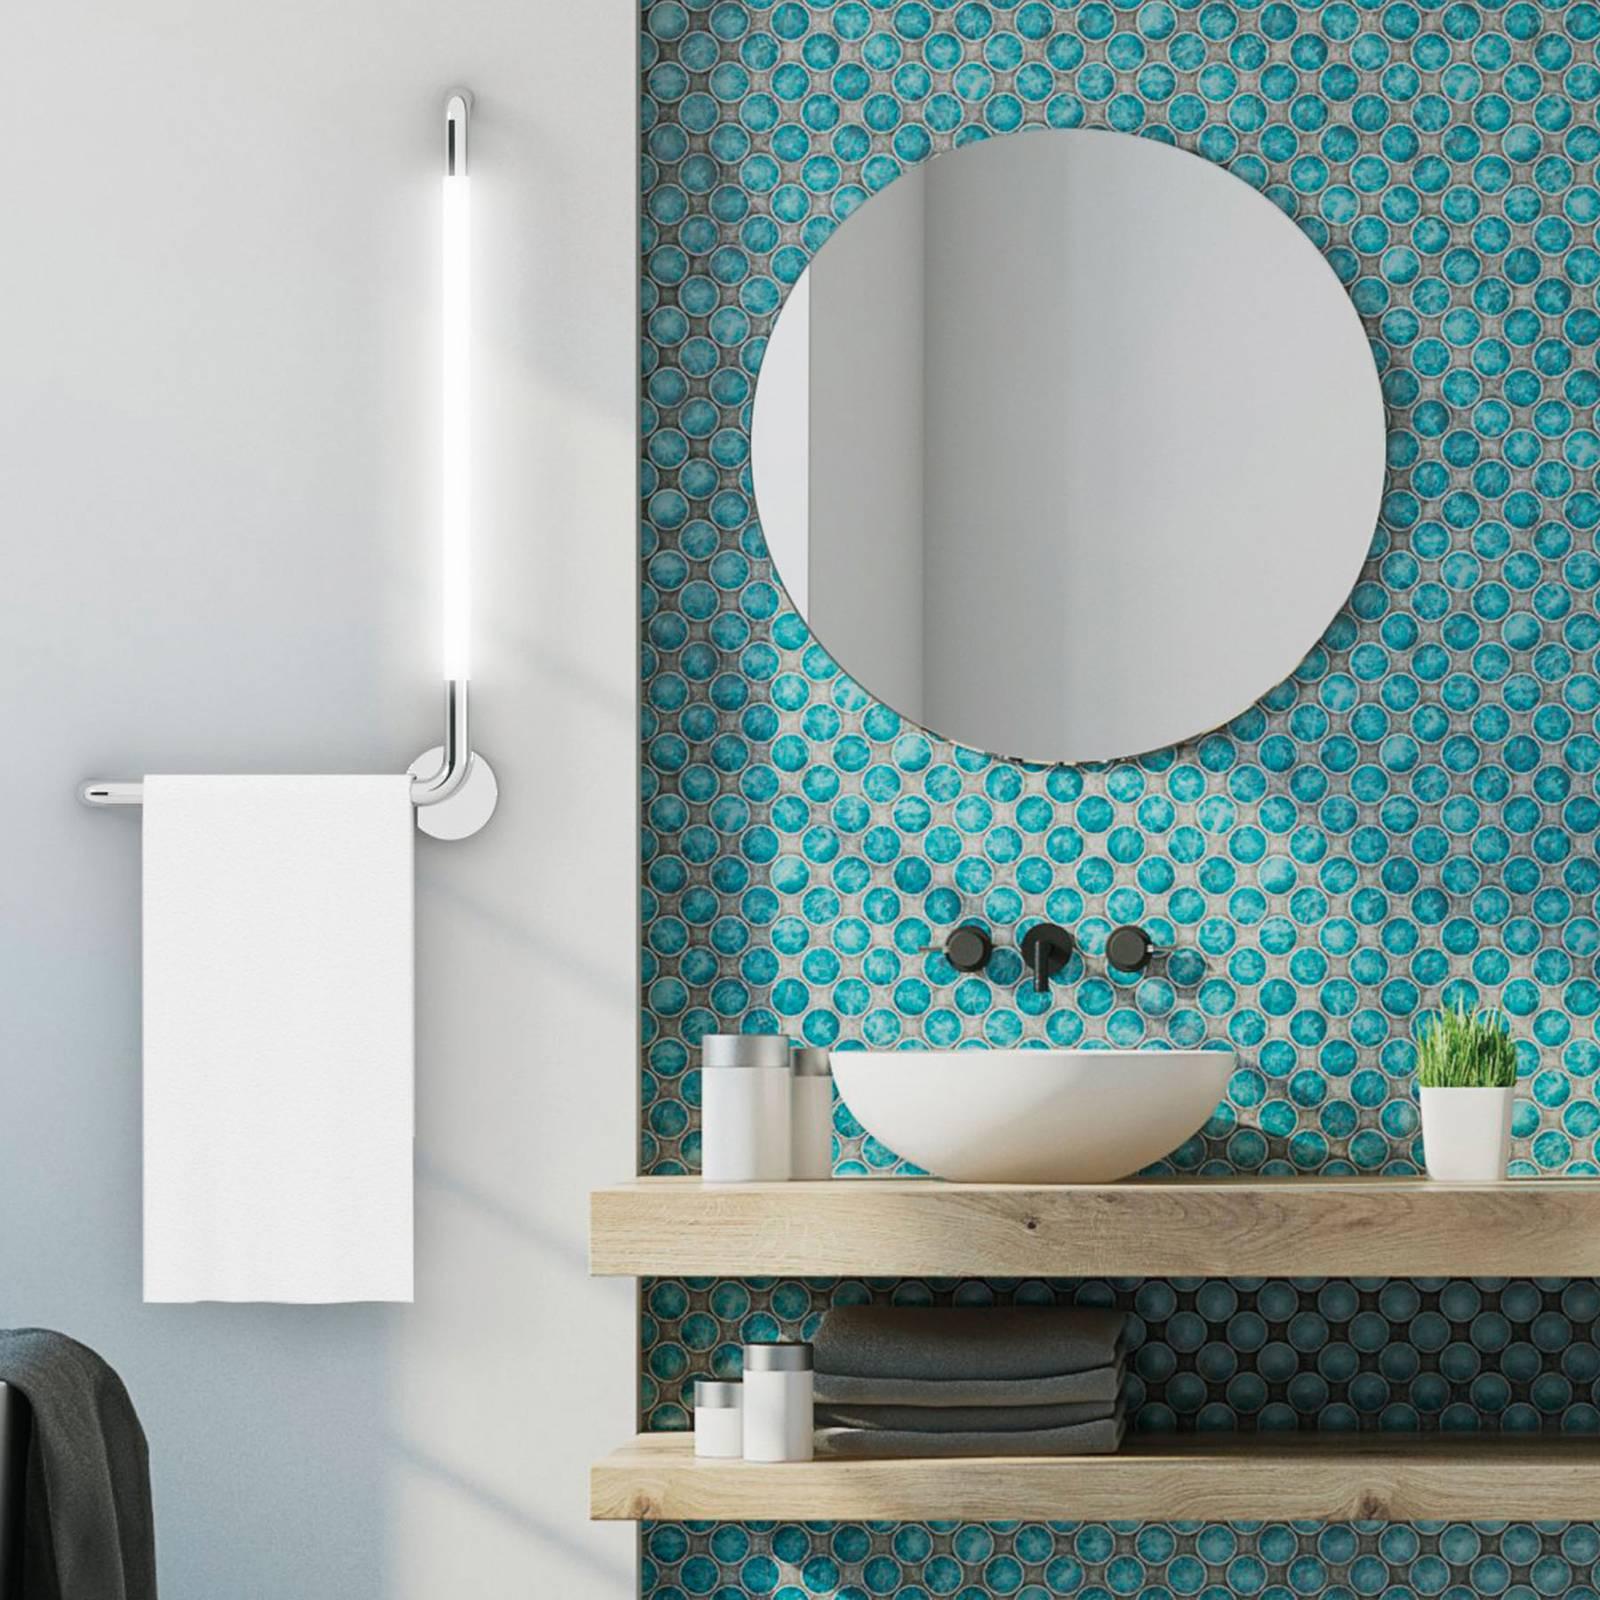 Kylpyhuoneen LED-seinälamppu Tubus, vasen